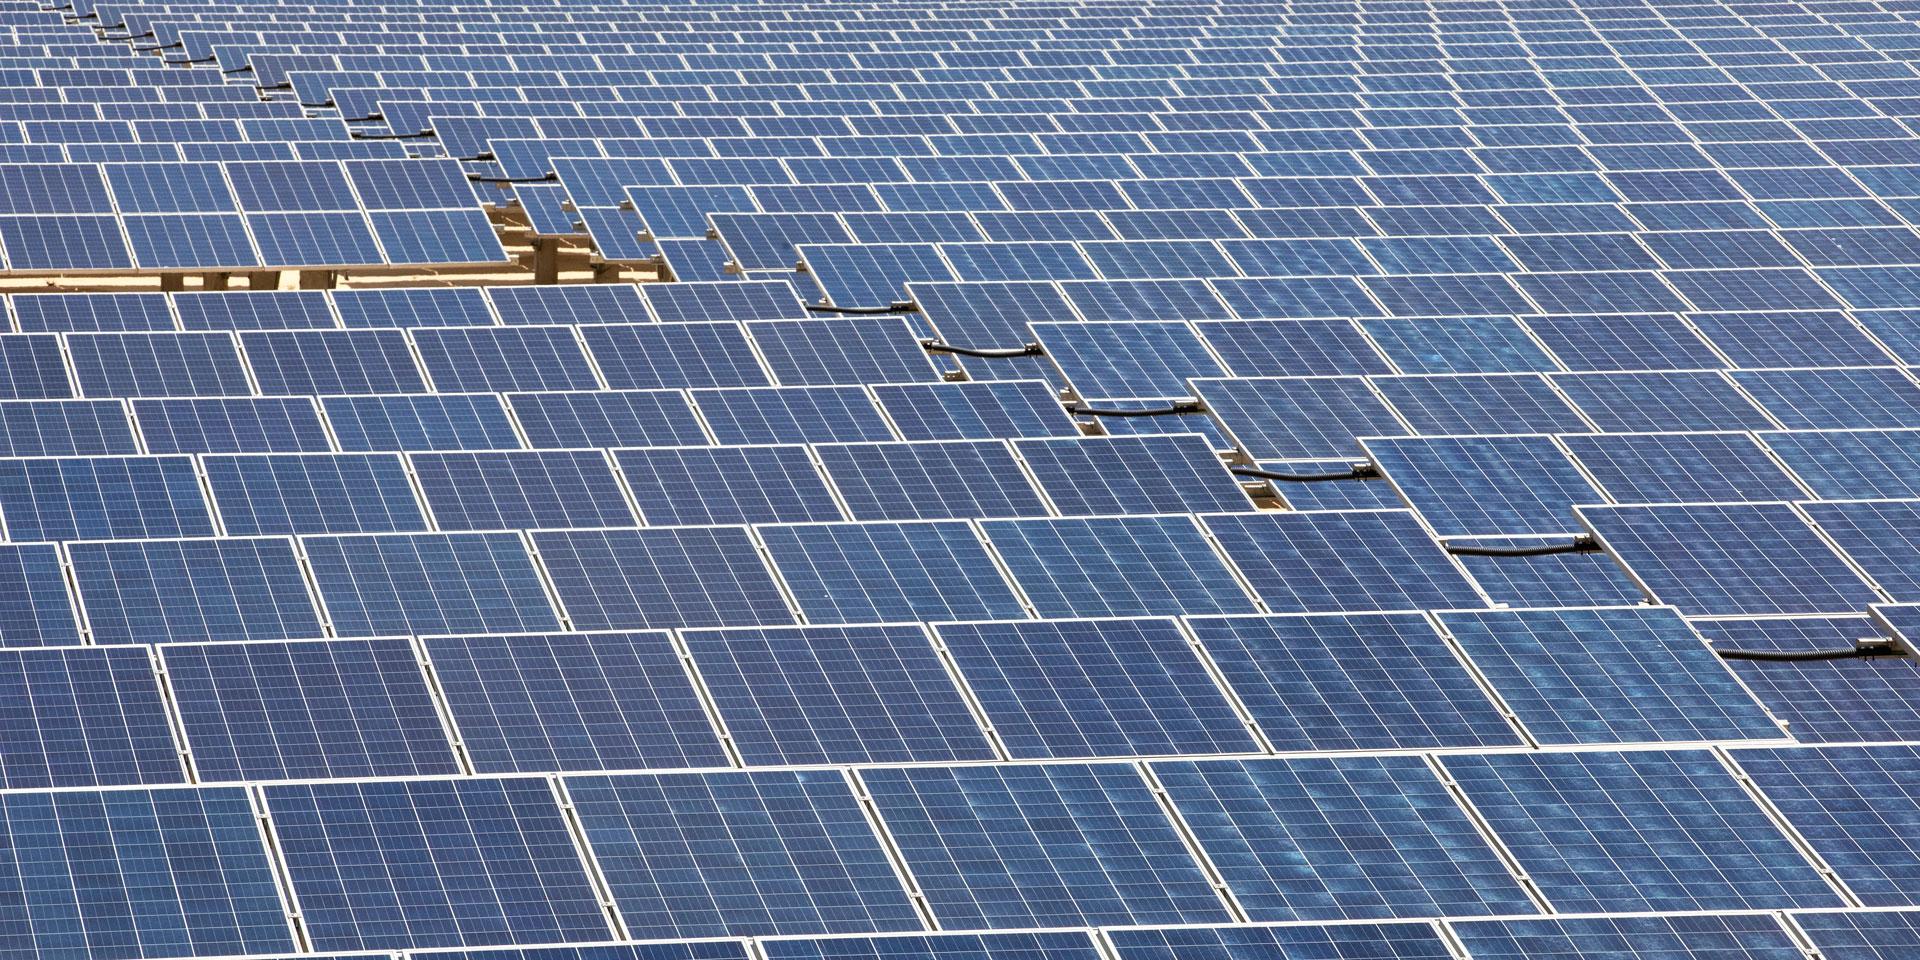 إنتاج الكهرباء من المحطات الشمسية